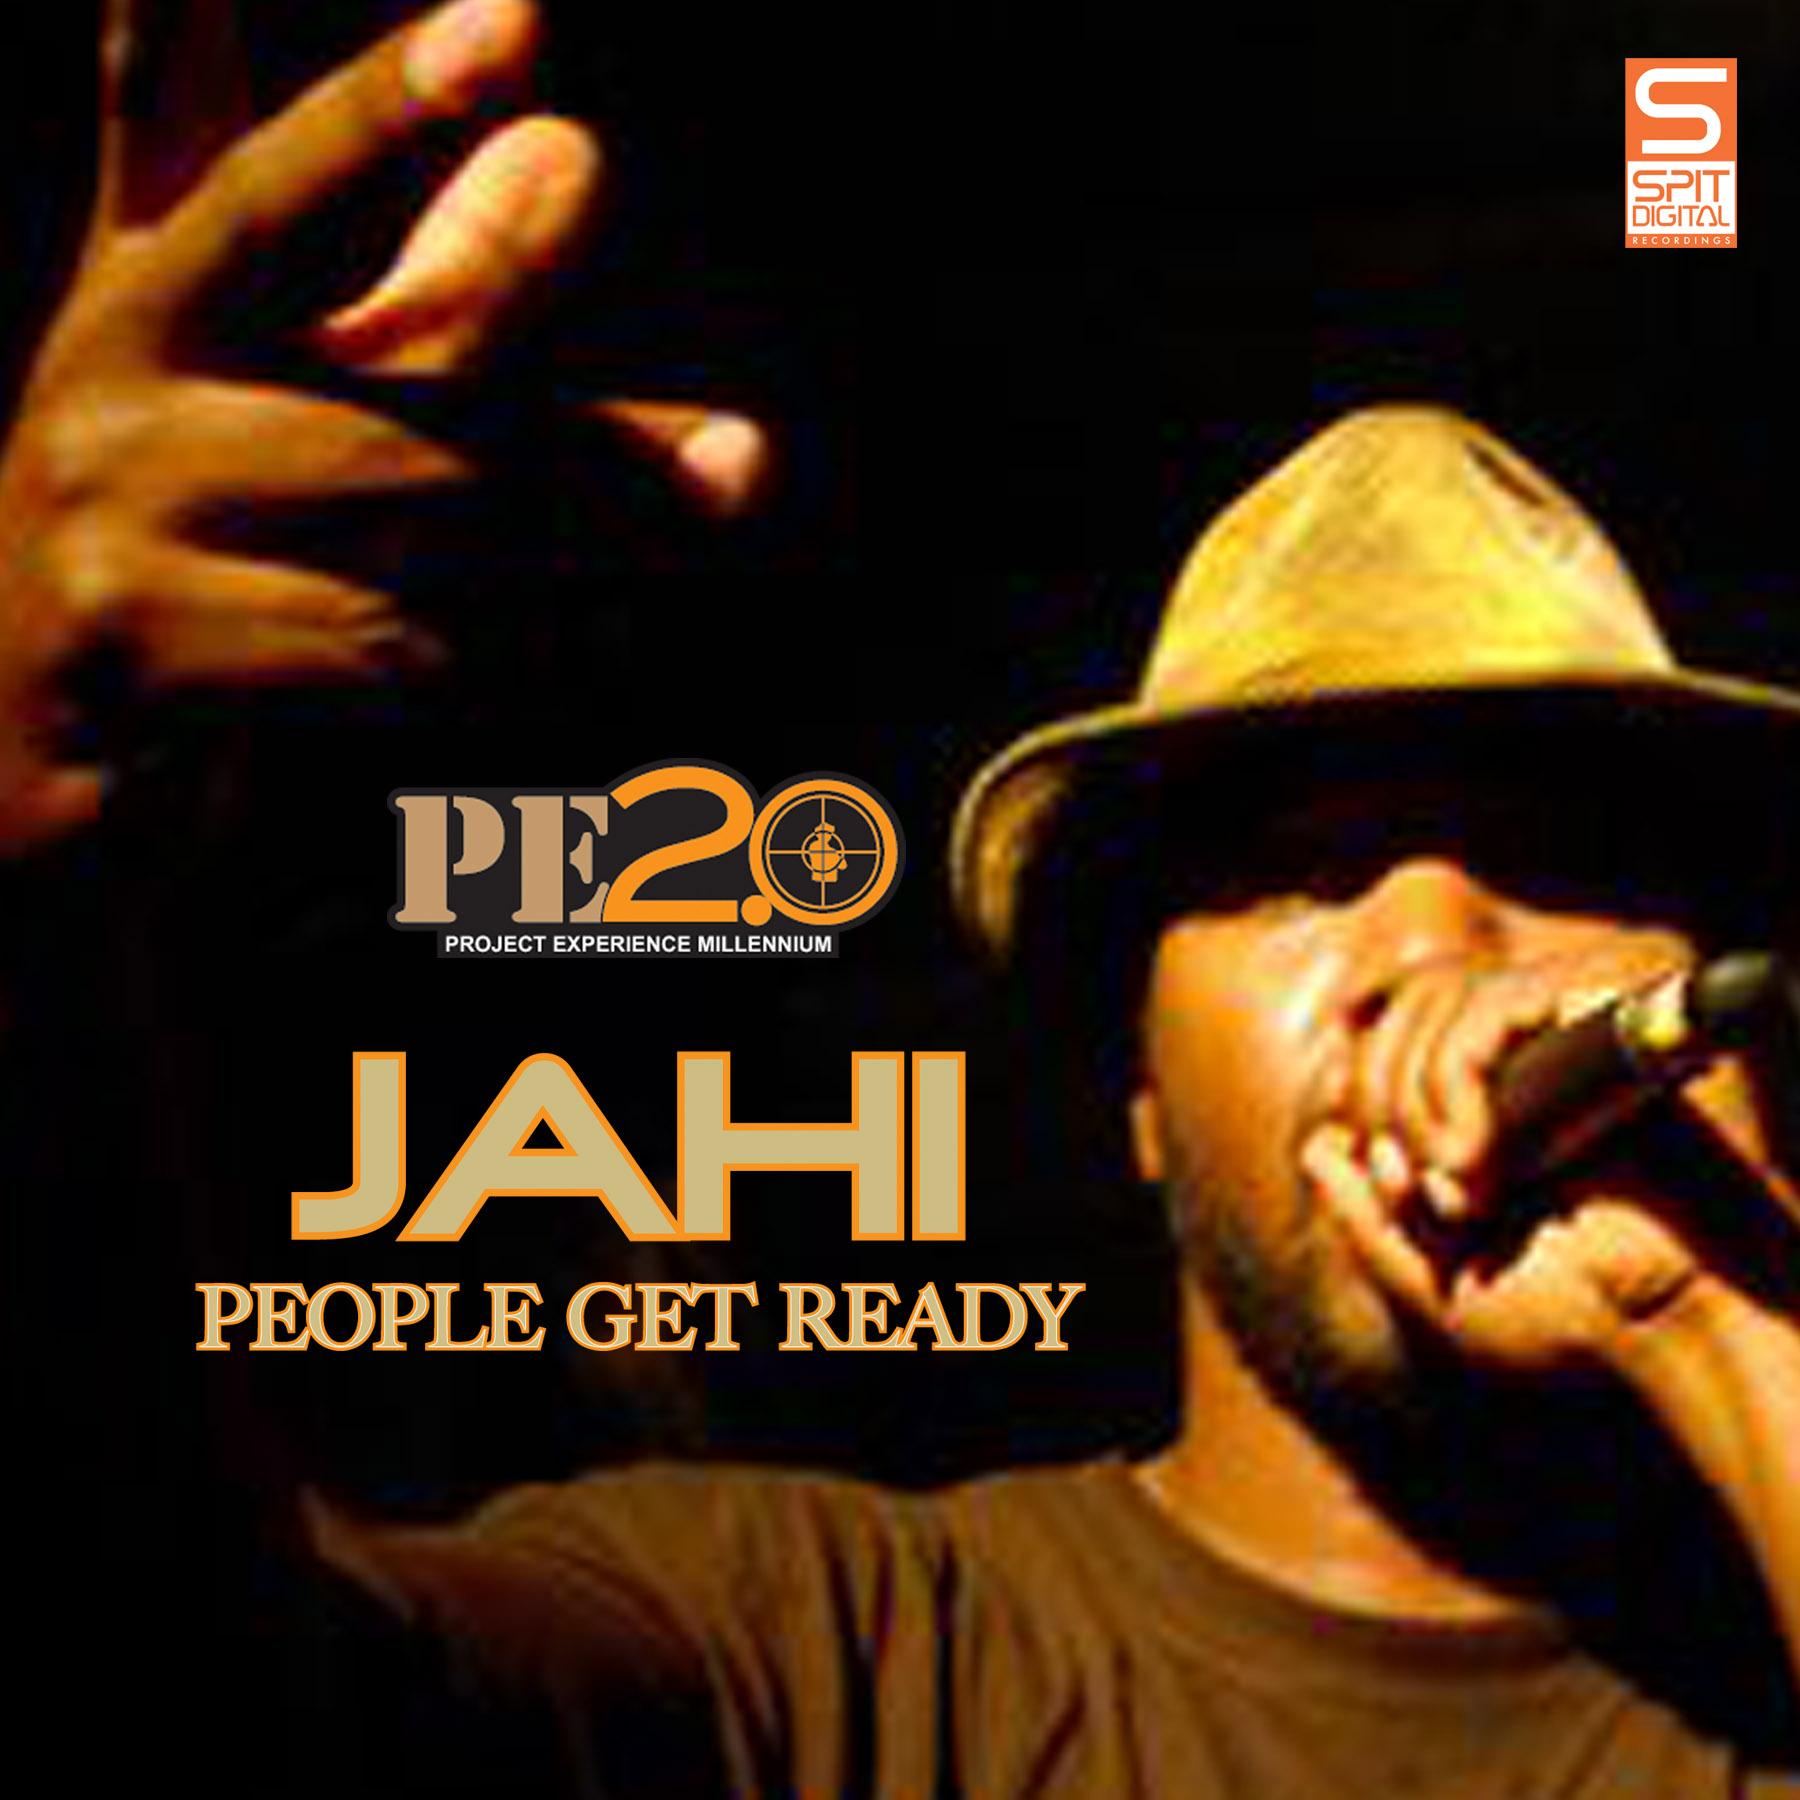 PE2.0 Jahi